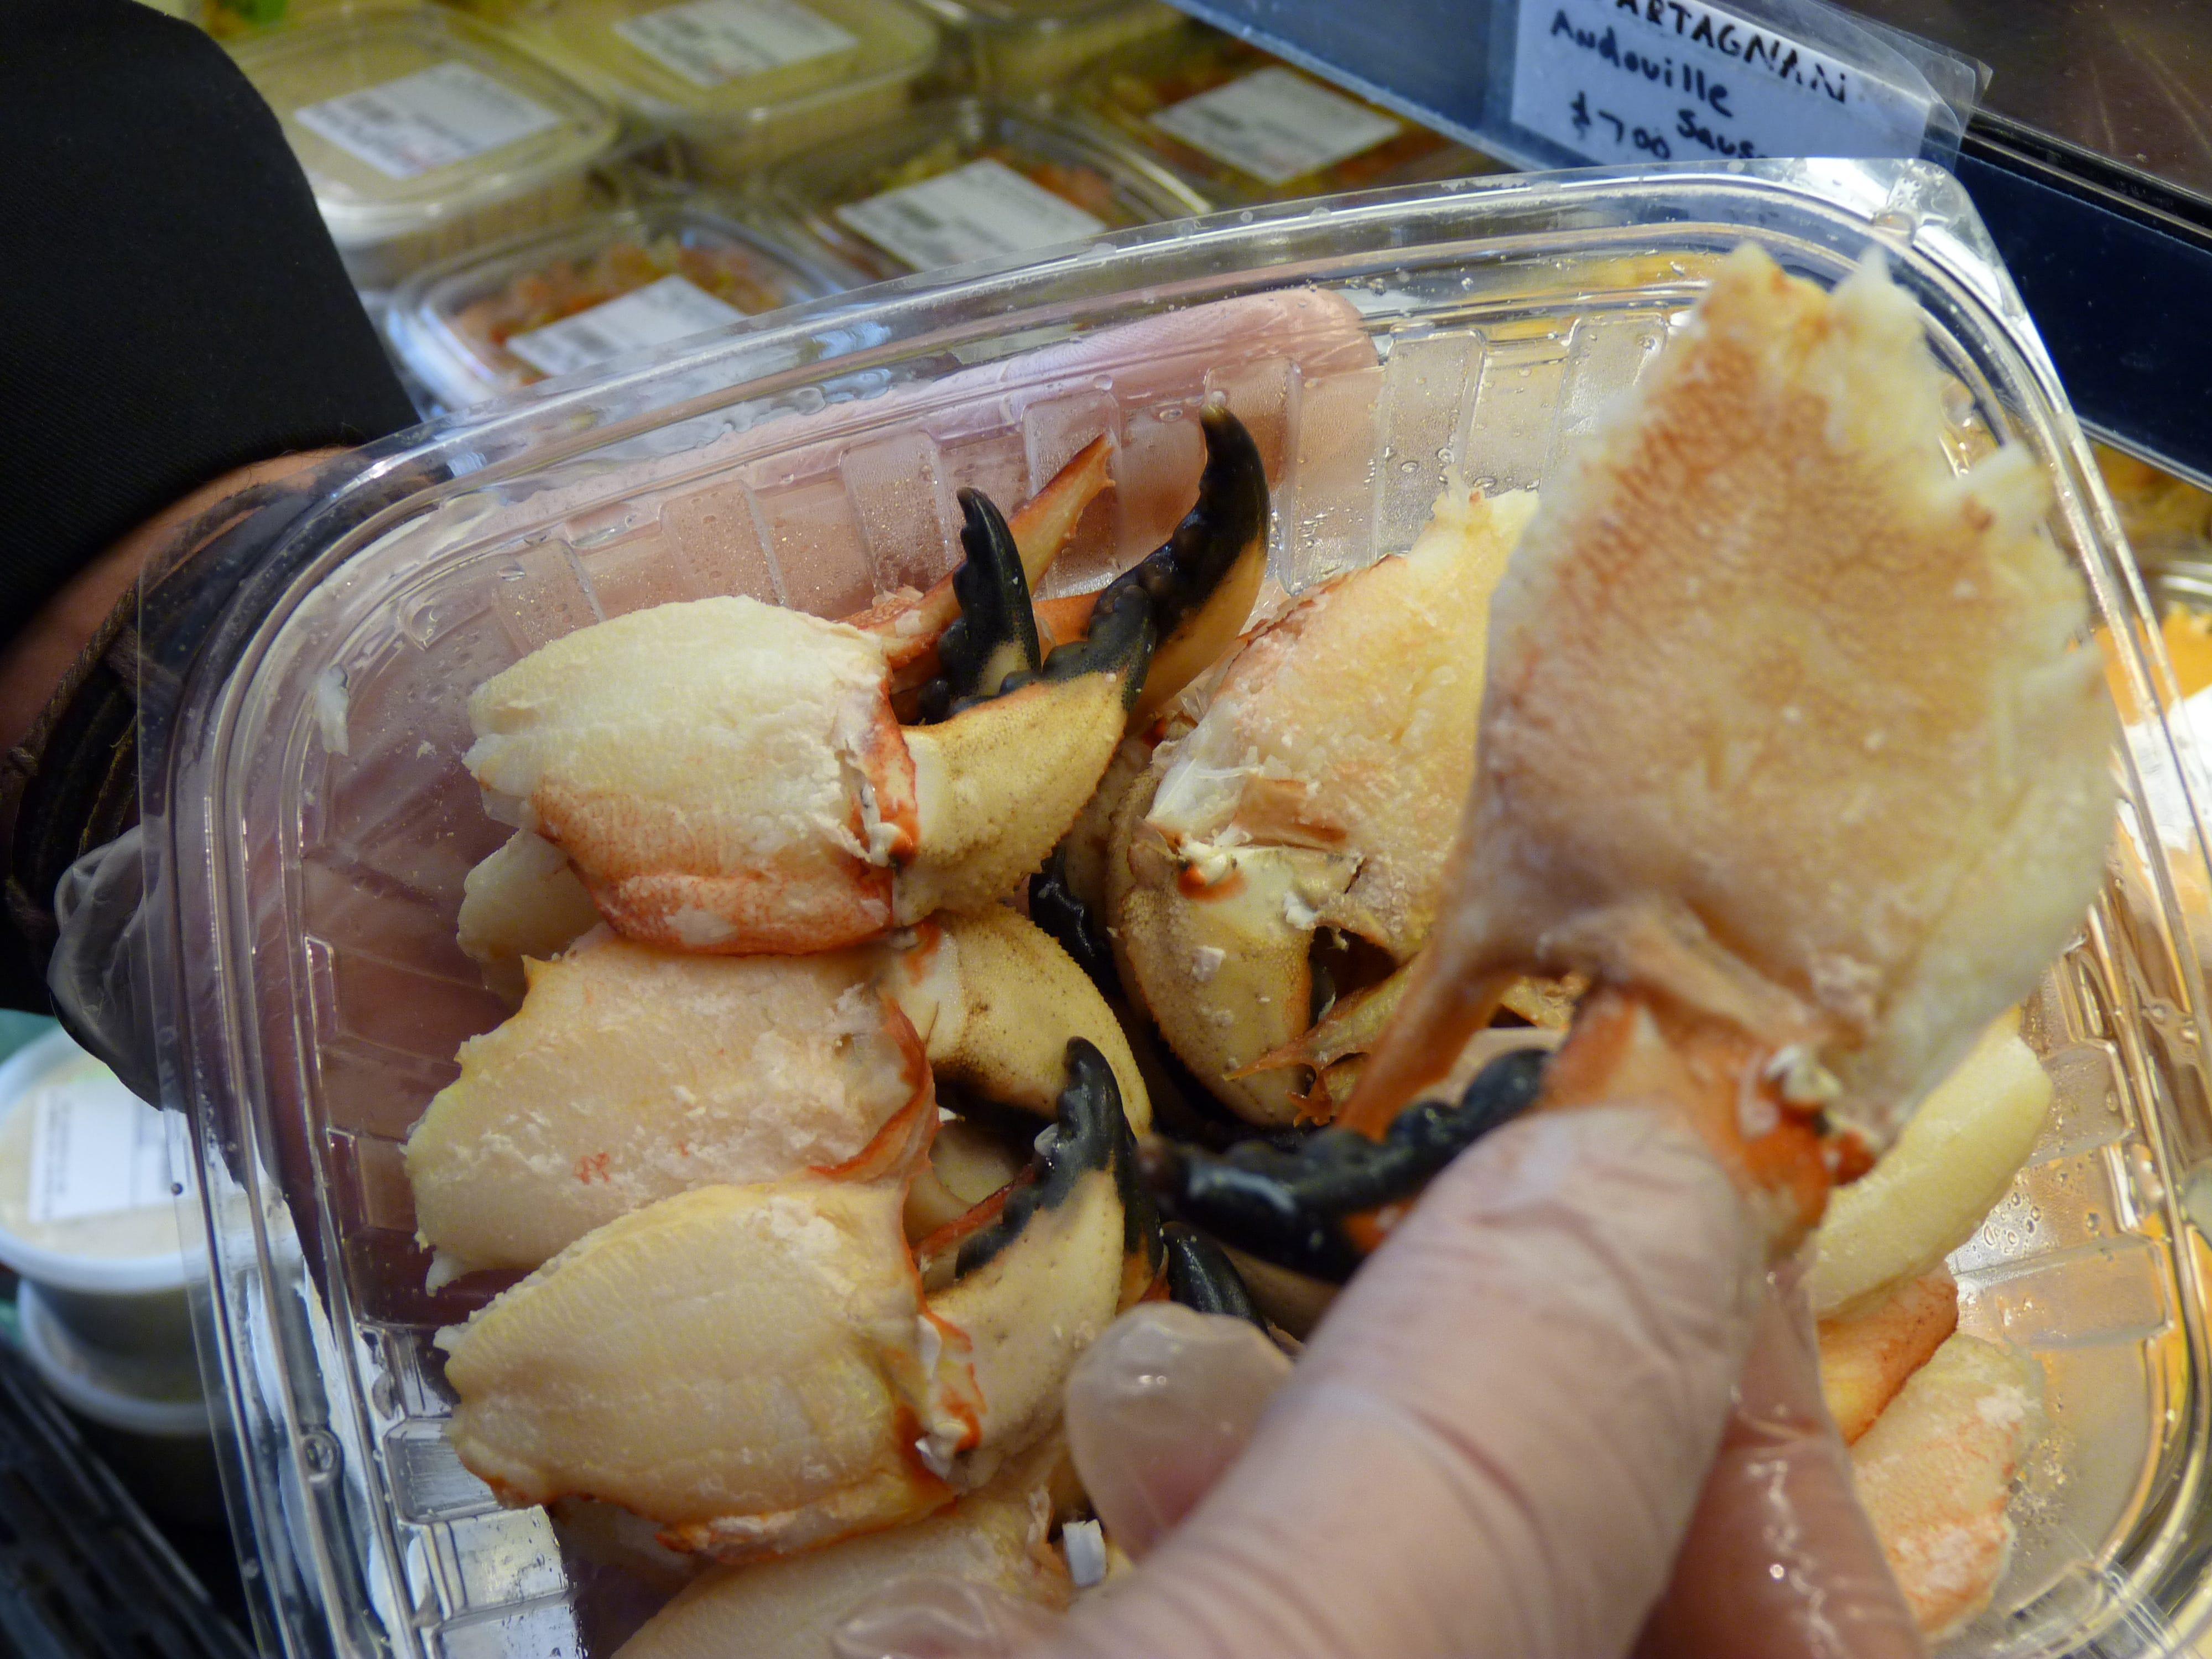 Jonah crab claws at Metropolitan Seafood & Gourmet in Lebanon.